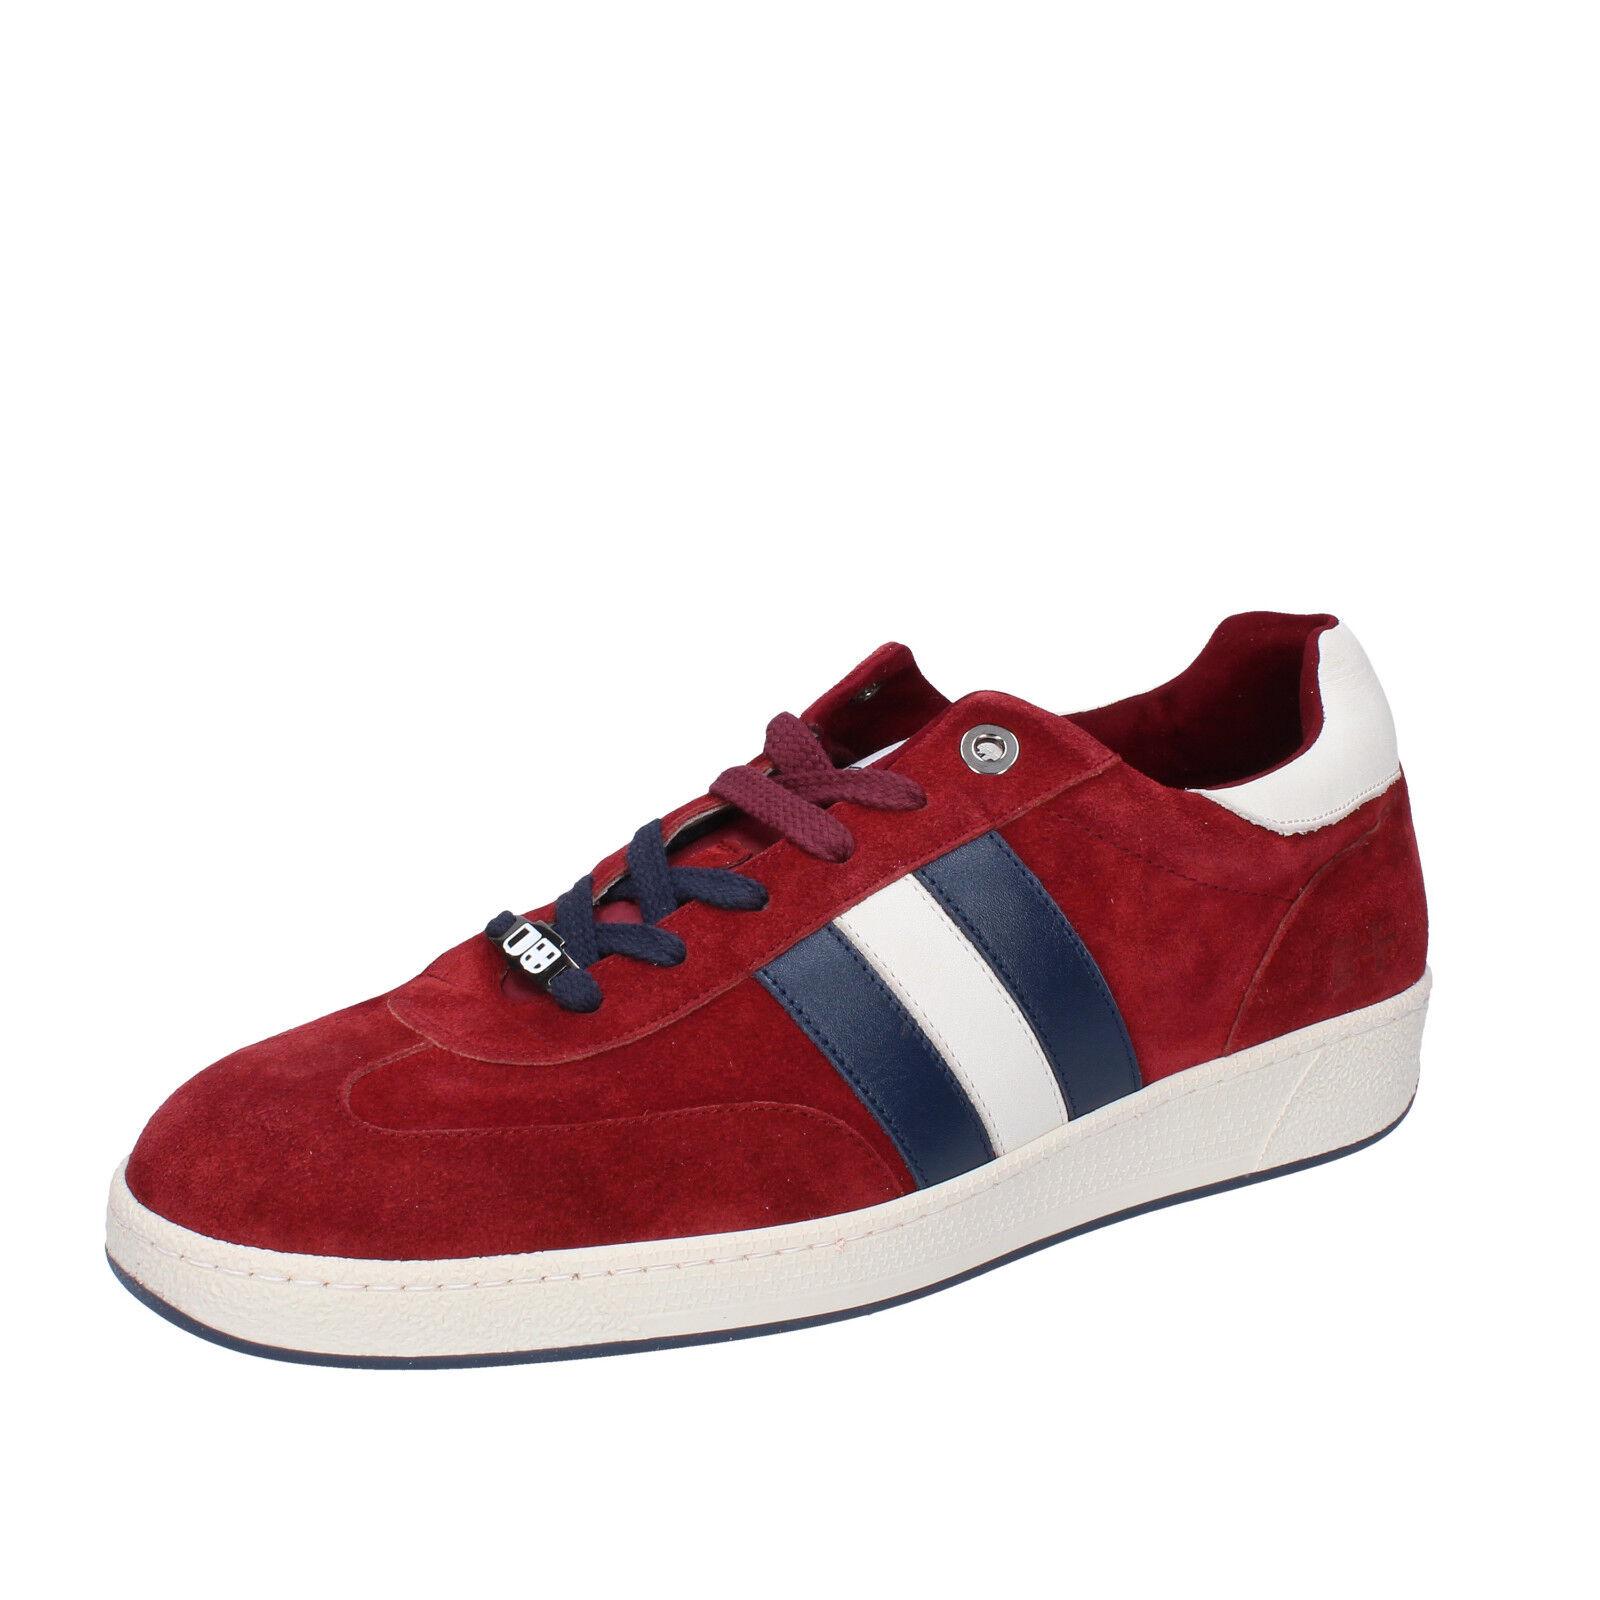 Men's shoes D' ACQUASPARTA 10 (EU 43) sneakers burgundy suede AB869-43